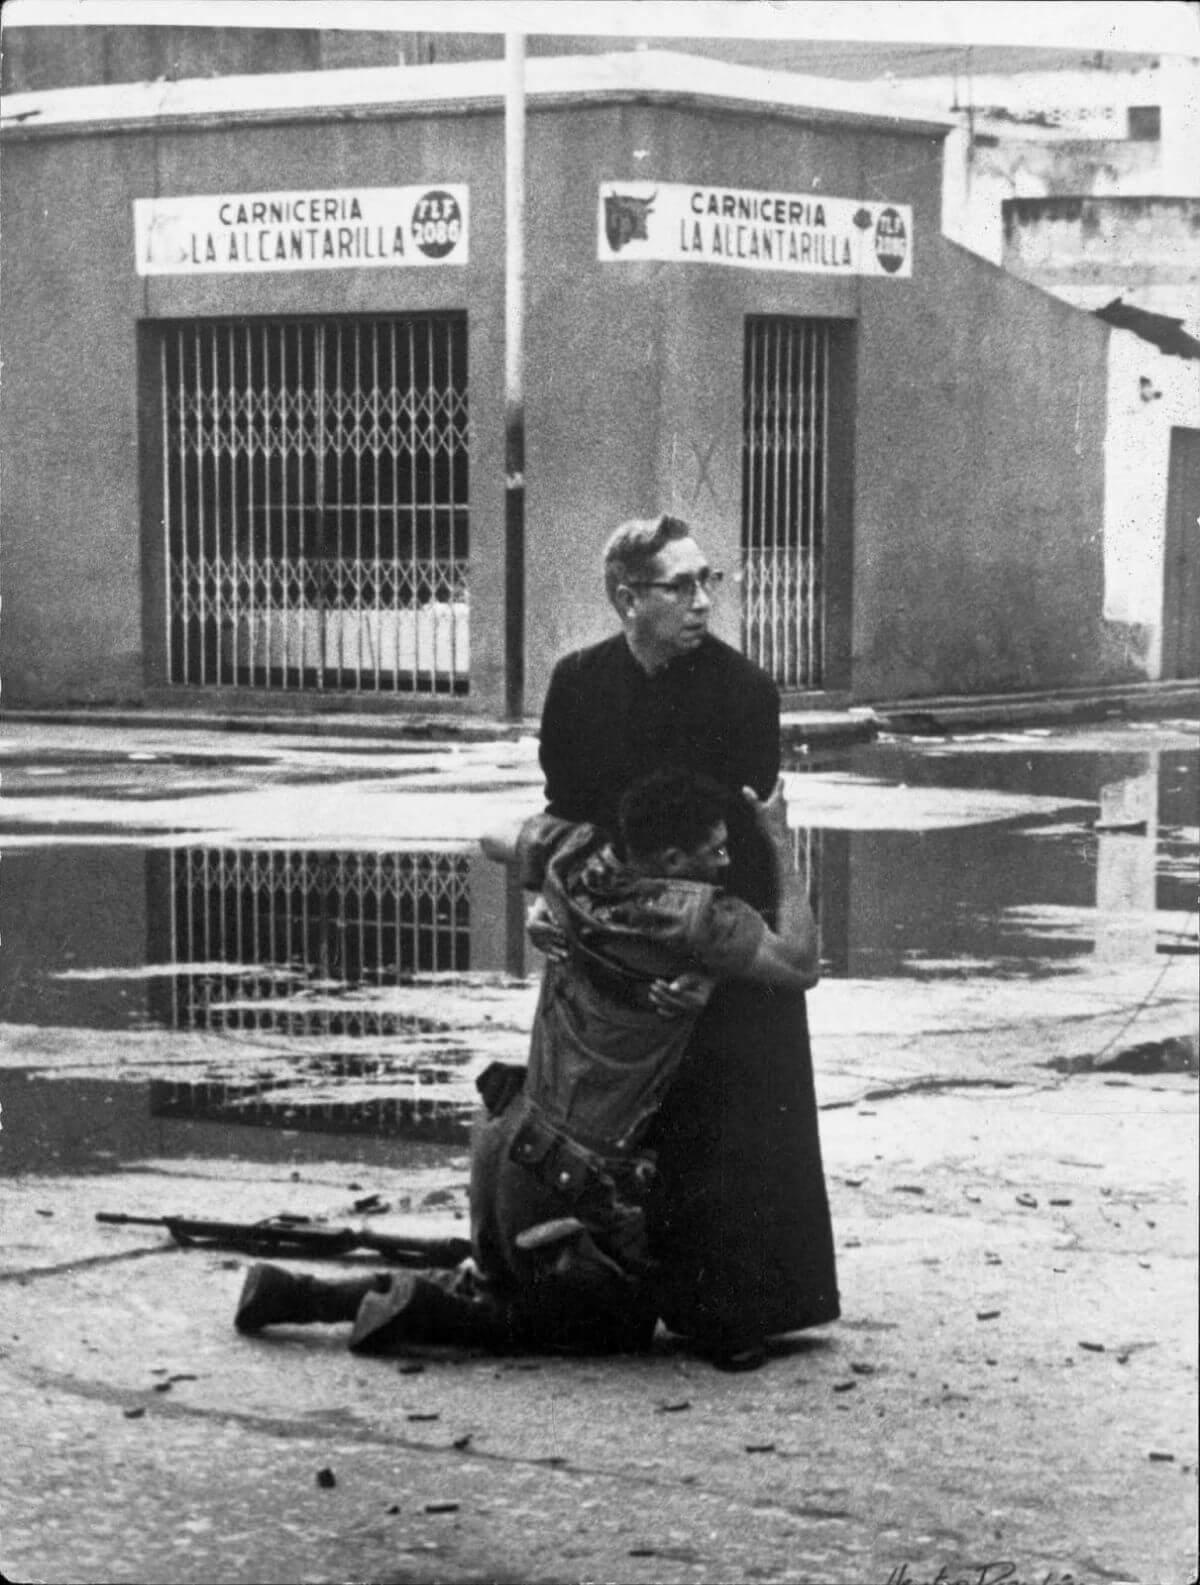 Священник Луис Падильо и раненый солдат во время восстания в Венесуэле, 1962. Фотограф Эктор Рондон Ловера